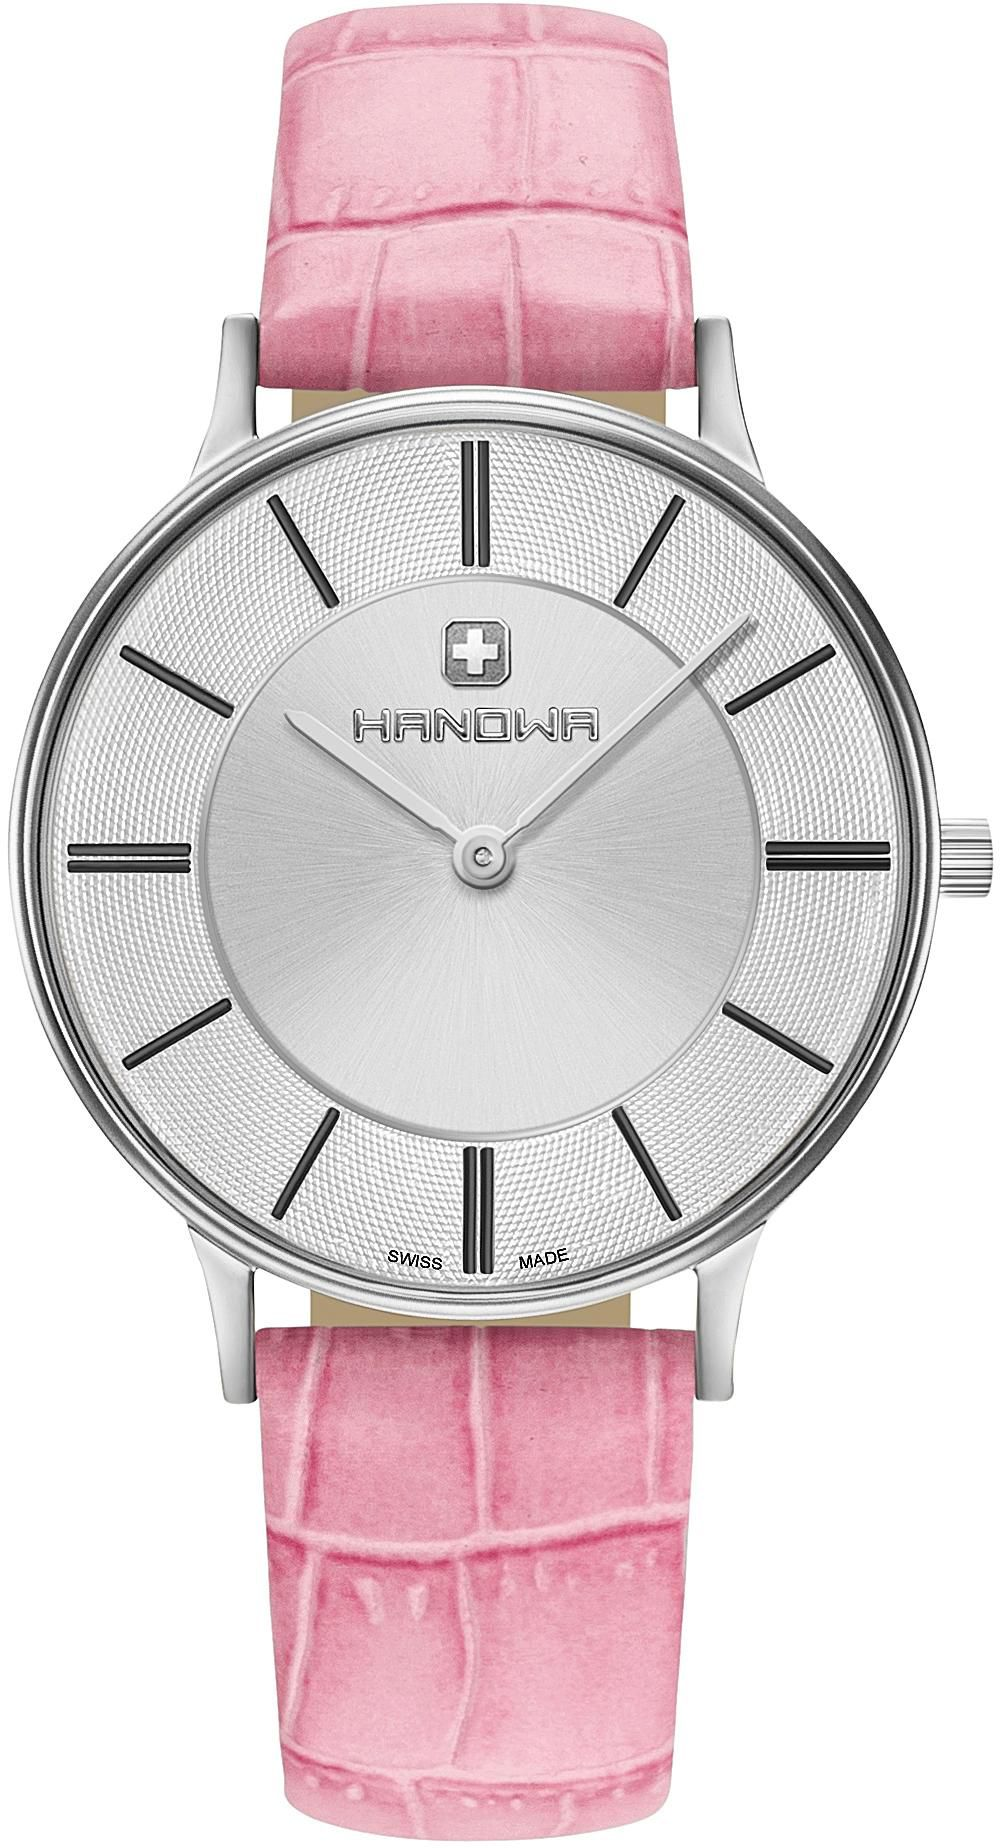 HANOWA Hanowa Schweizer Uhr »LUCY, 16-6070.04.001.10«